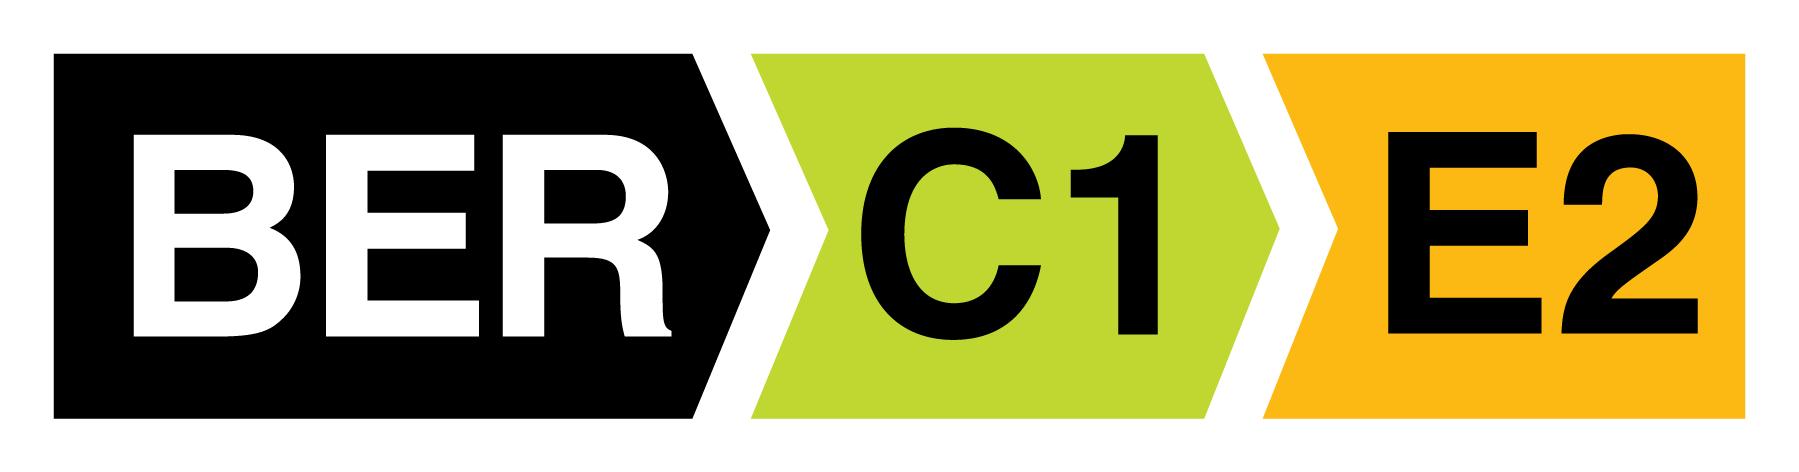 C1_E2